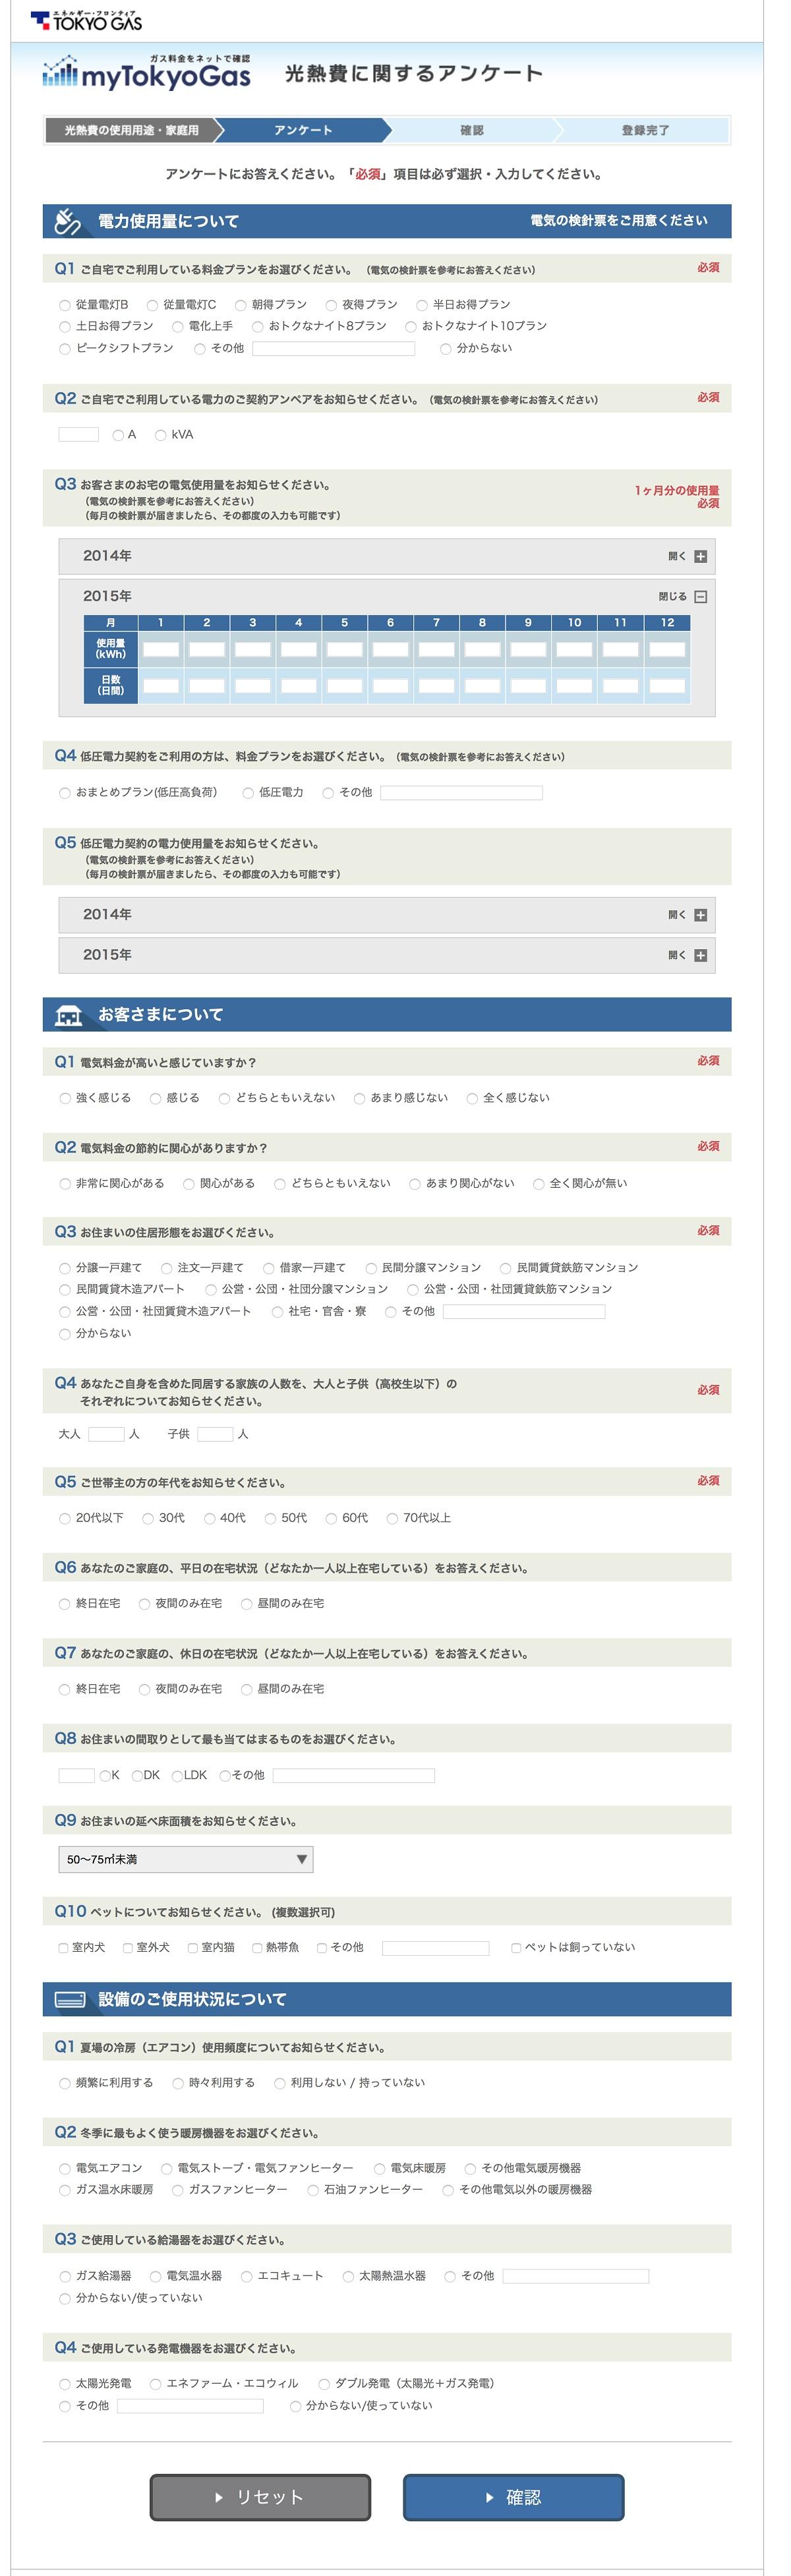 tokyogas-questionnaire